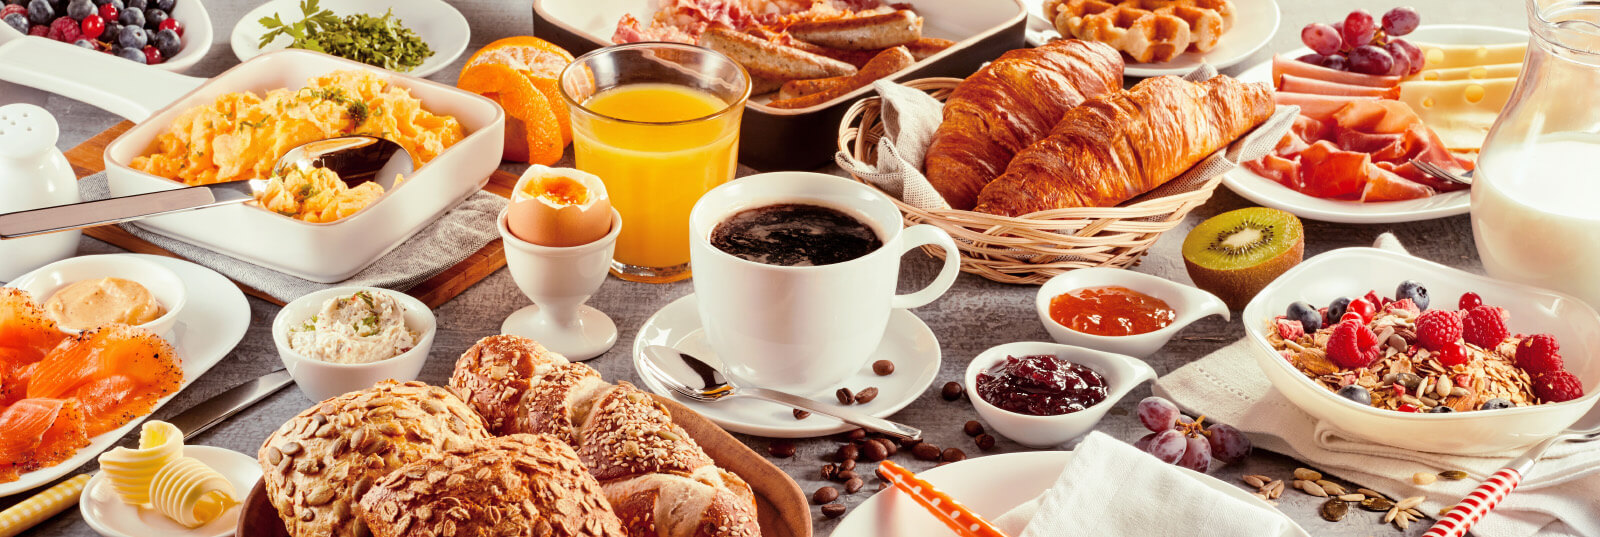 Snídaně v Cafe Monet